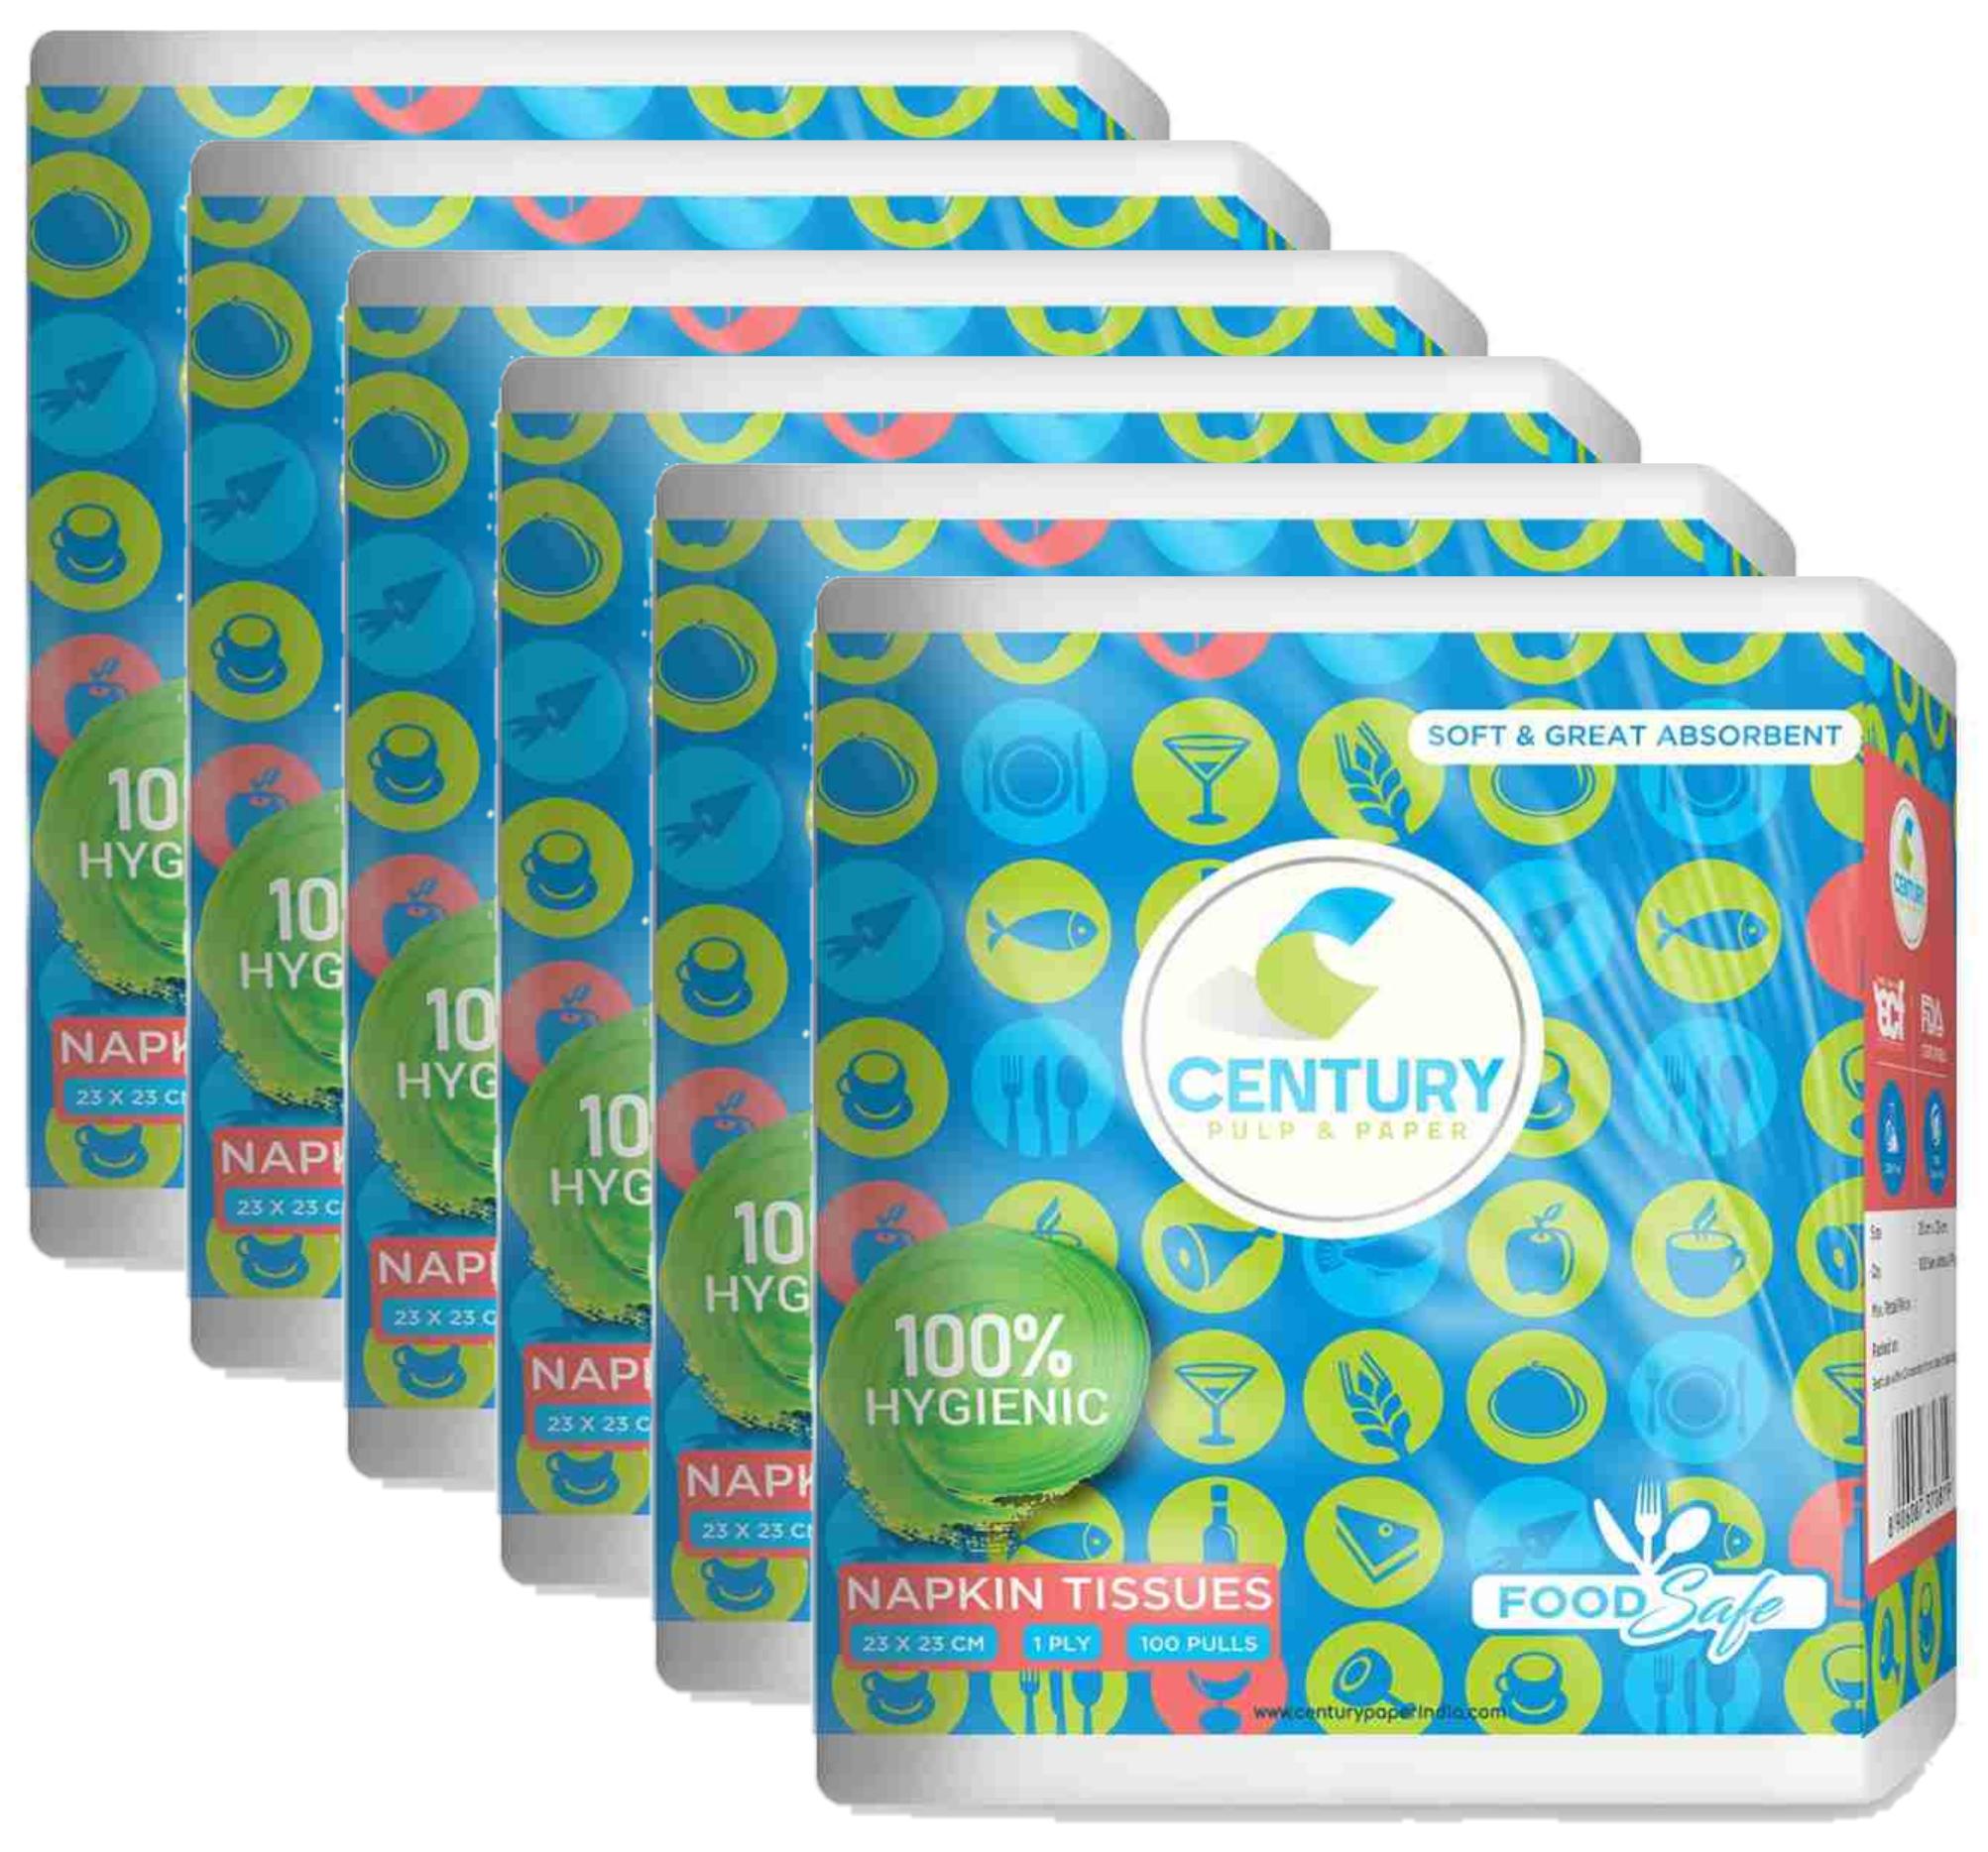 Century Napkin Tissue (23 X 23 cm , 100 Pulls / Serviettes) - Pack Of 6